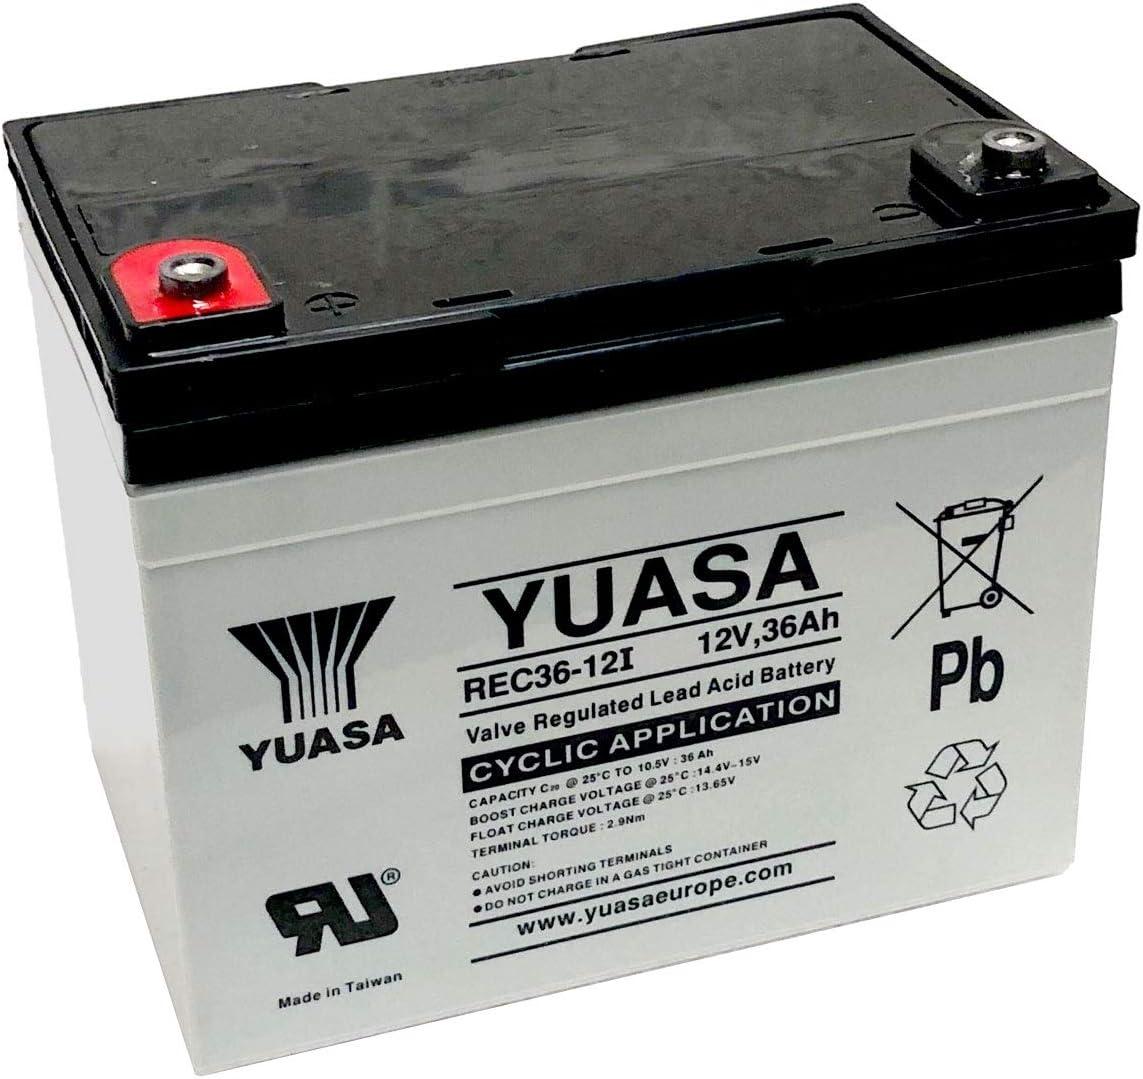 Yuasa - Batería Plomo AGM REC36-12I 12V 36Ah M5-F